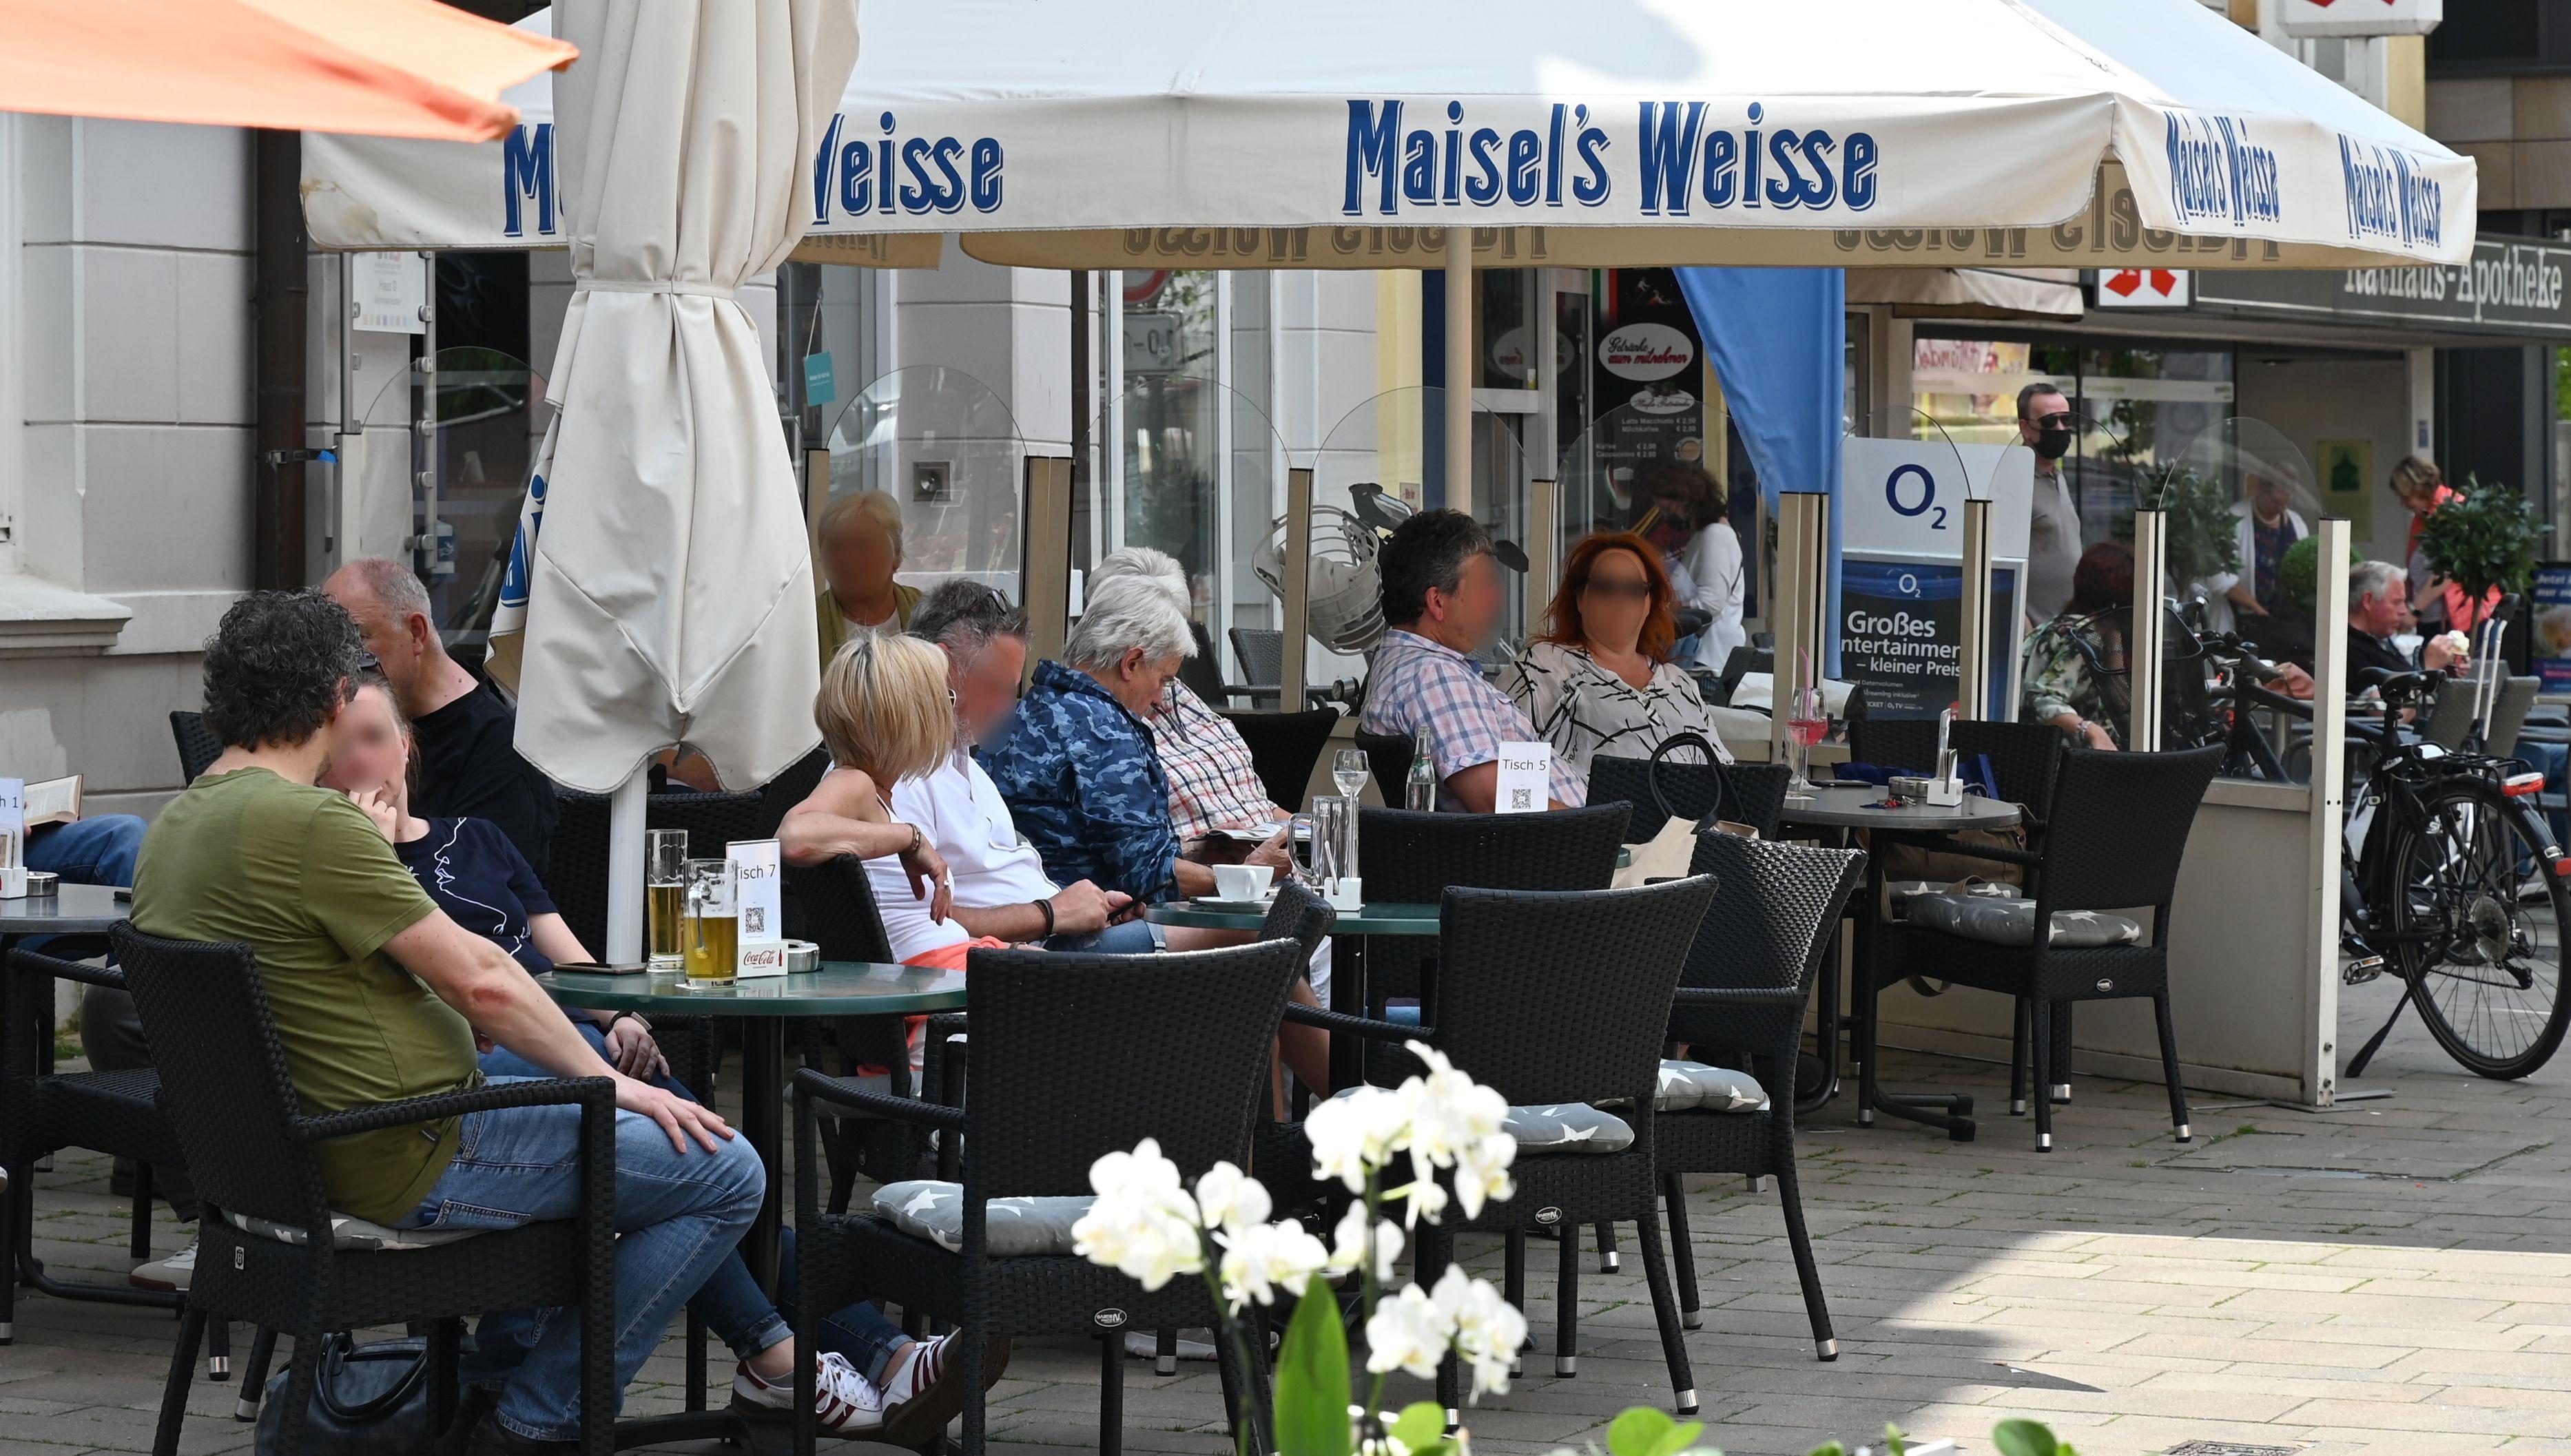 Die Außengastronomie in Cloppenburg war in dieser Woche schon gut besetzt. Foto: Hermes